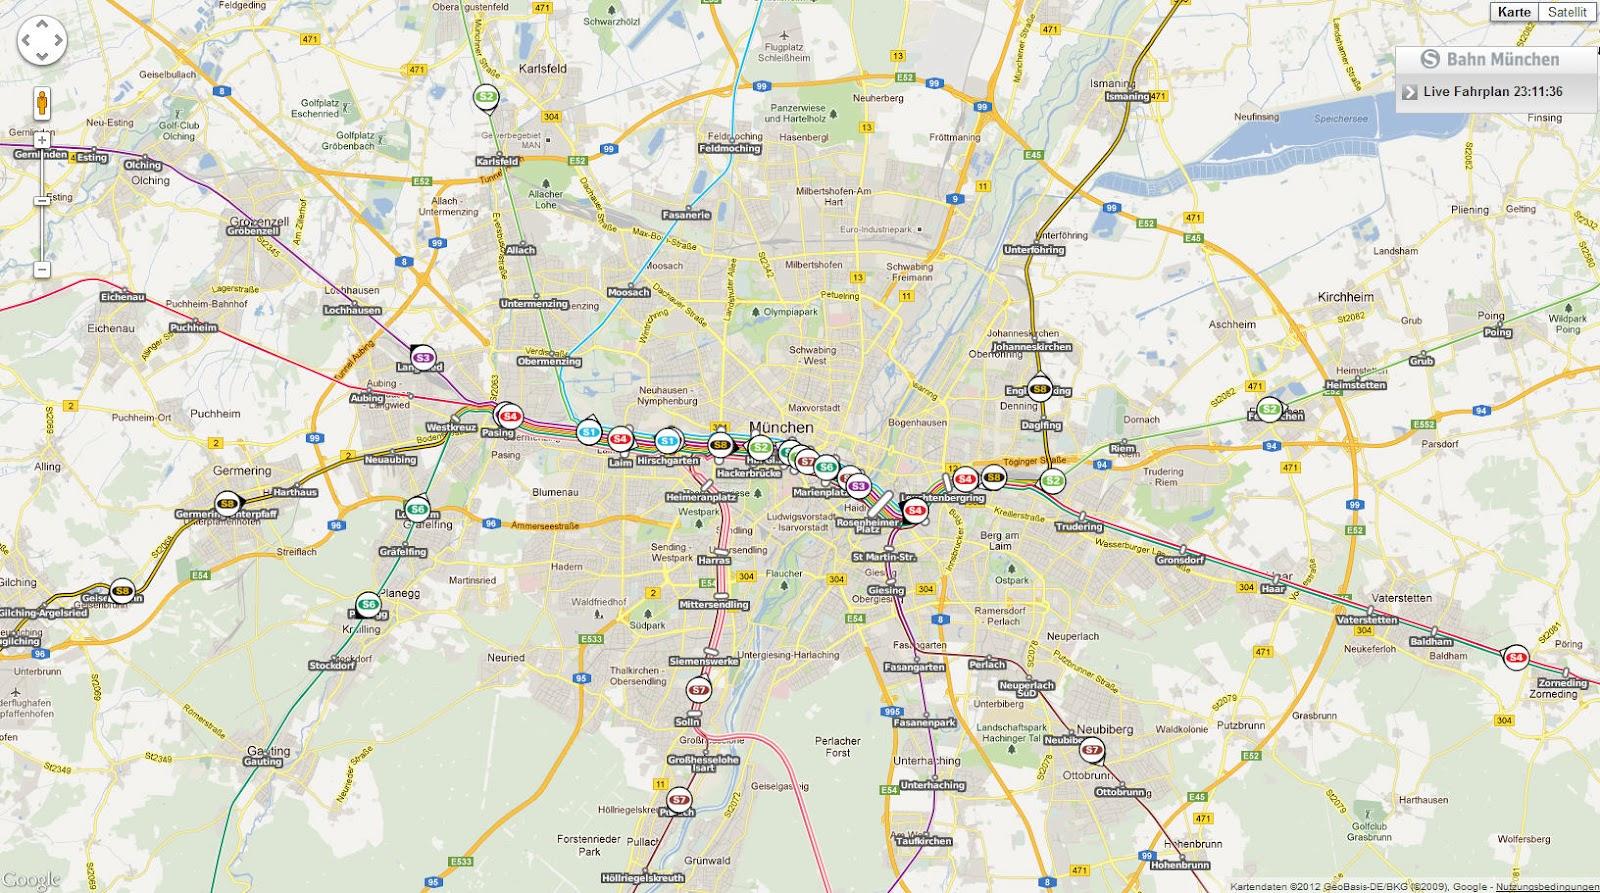 landkarten live landkarten und stadtplan index seite 2. Black Bedroom Furniture Sets. Home Design Ideas